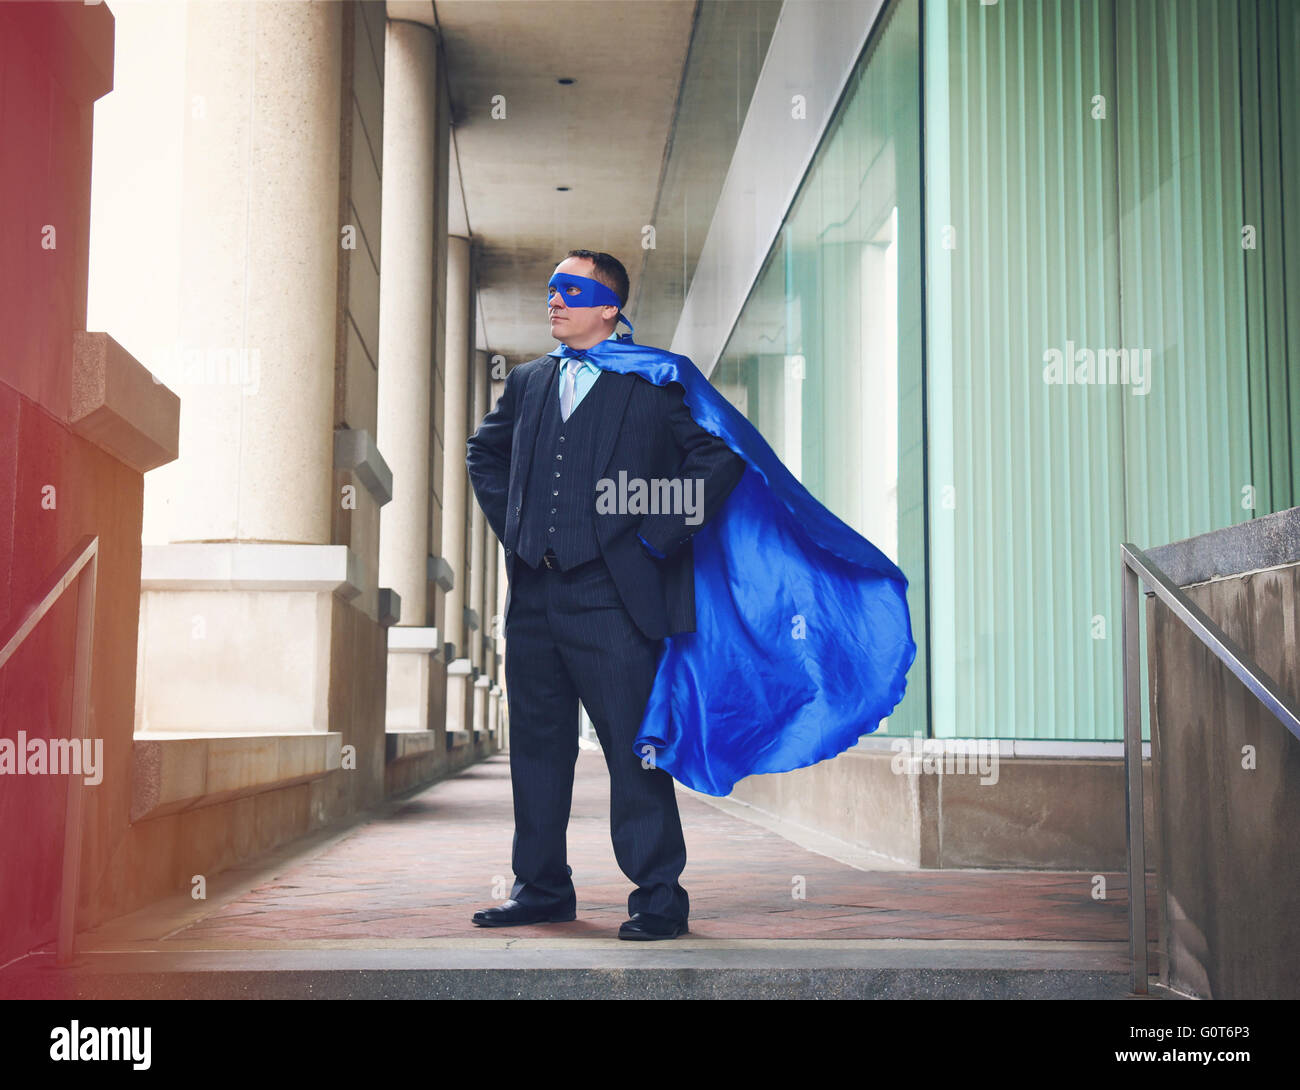 Ein super Business-Mann trägt einen blauen Umhang zuversichtlich in die Stadt für ein Erfolg, Unternehmer Stockbild